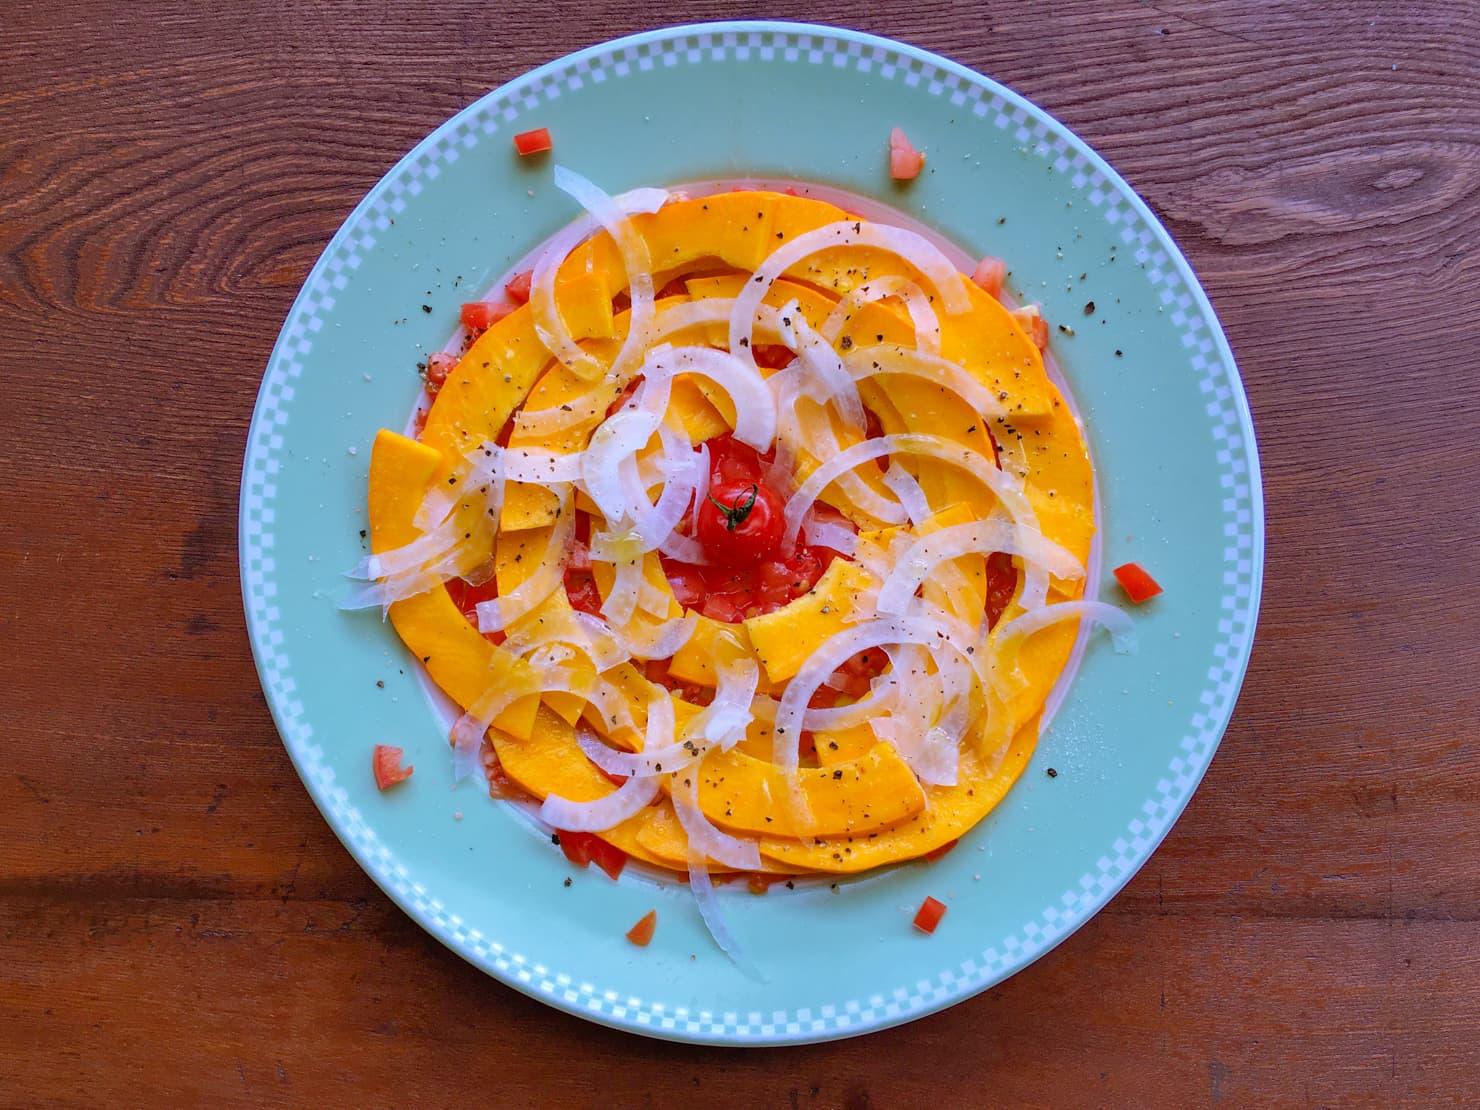 コリンキーのカルパッチョサラダの写真